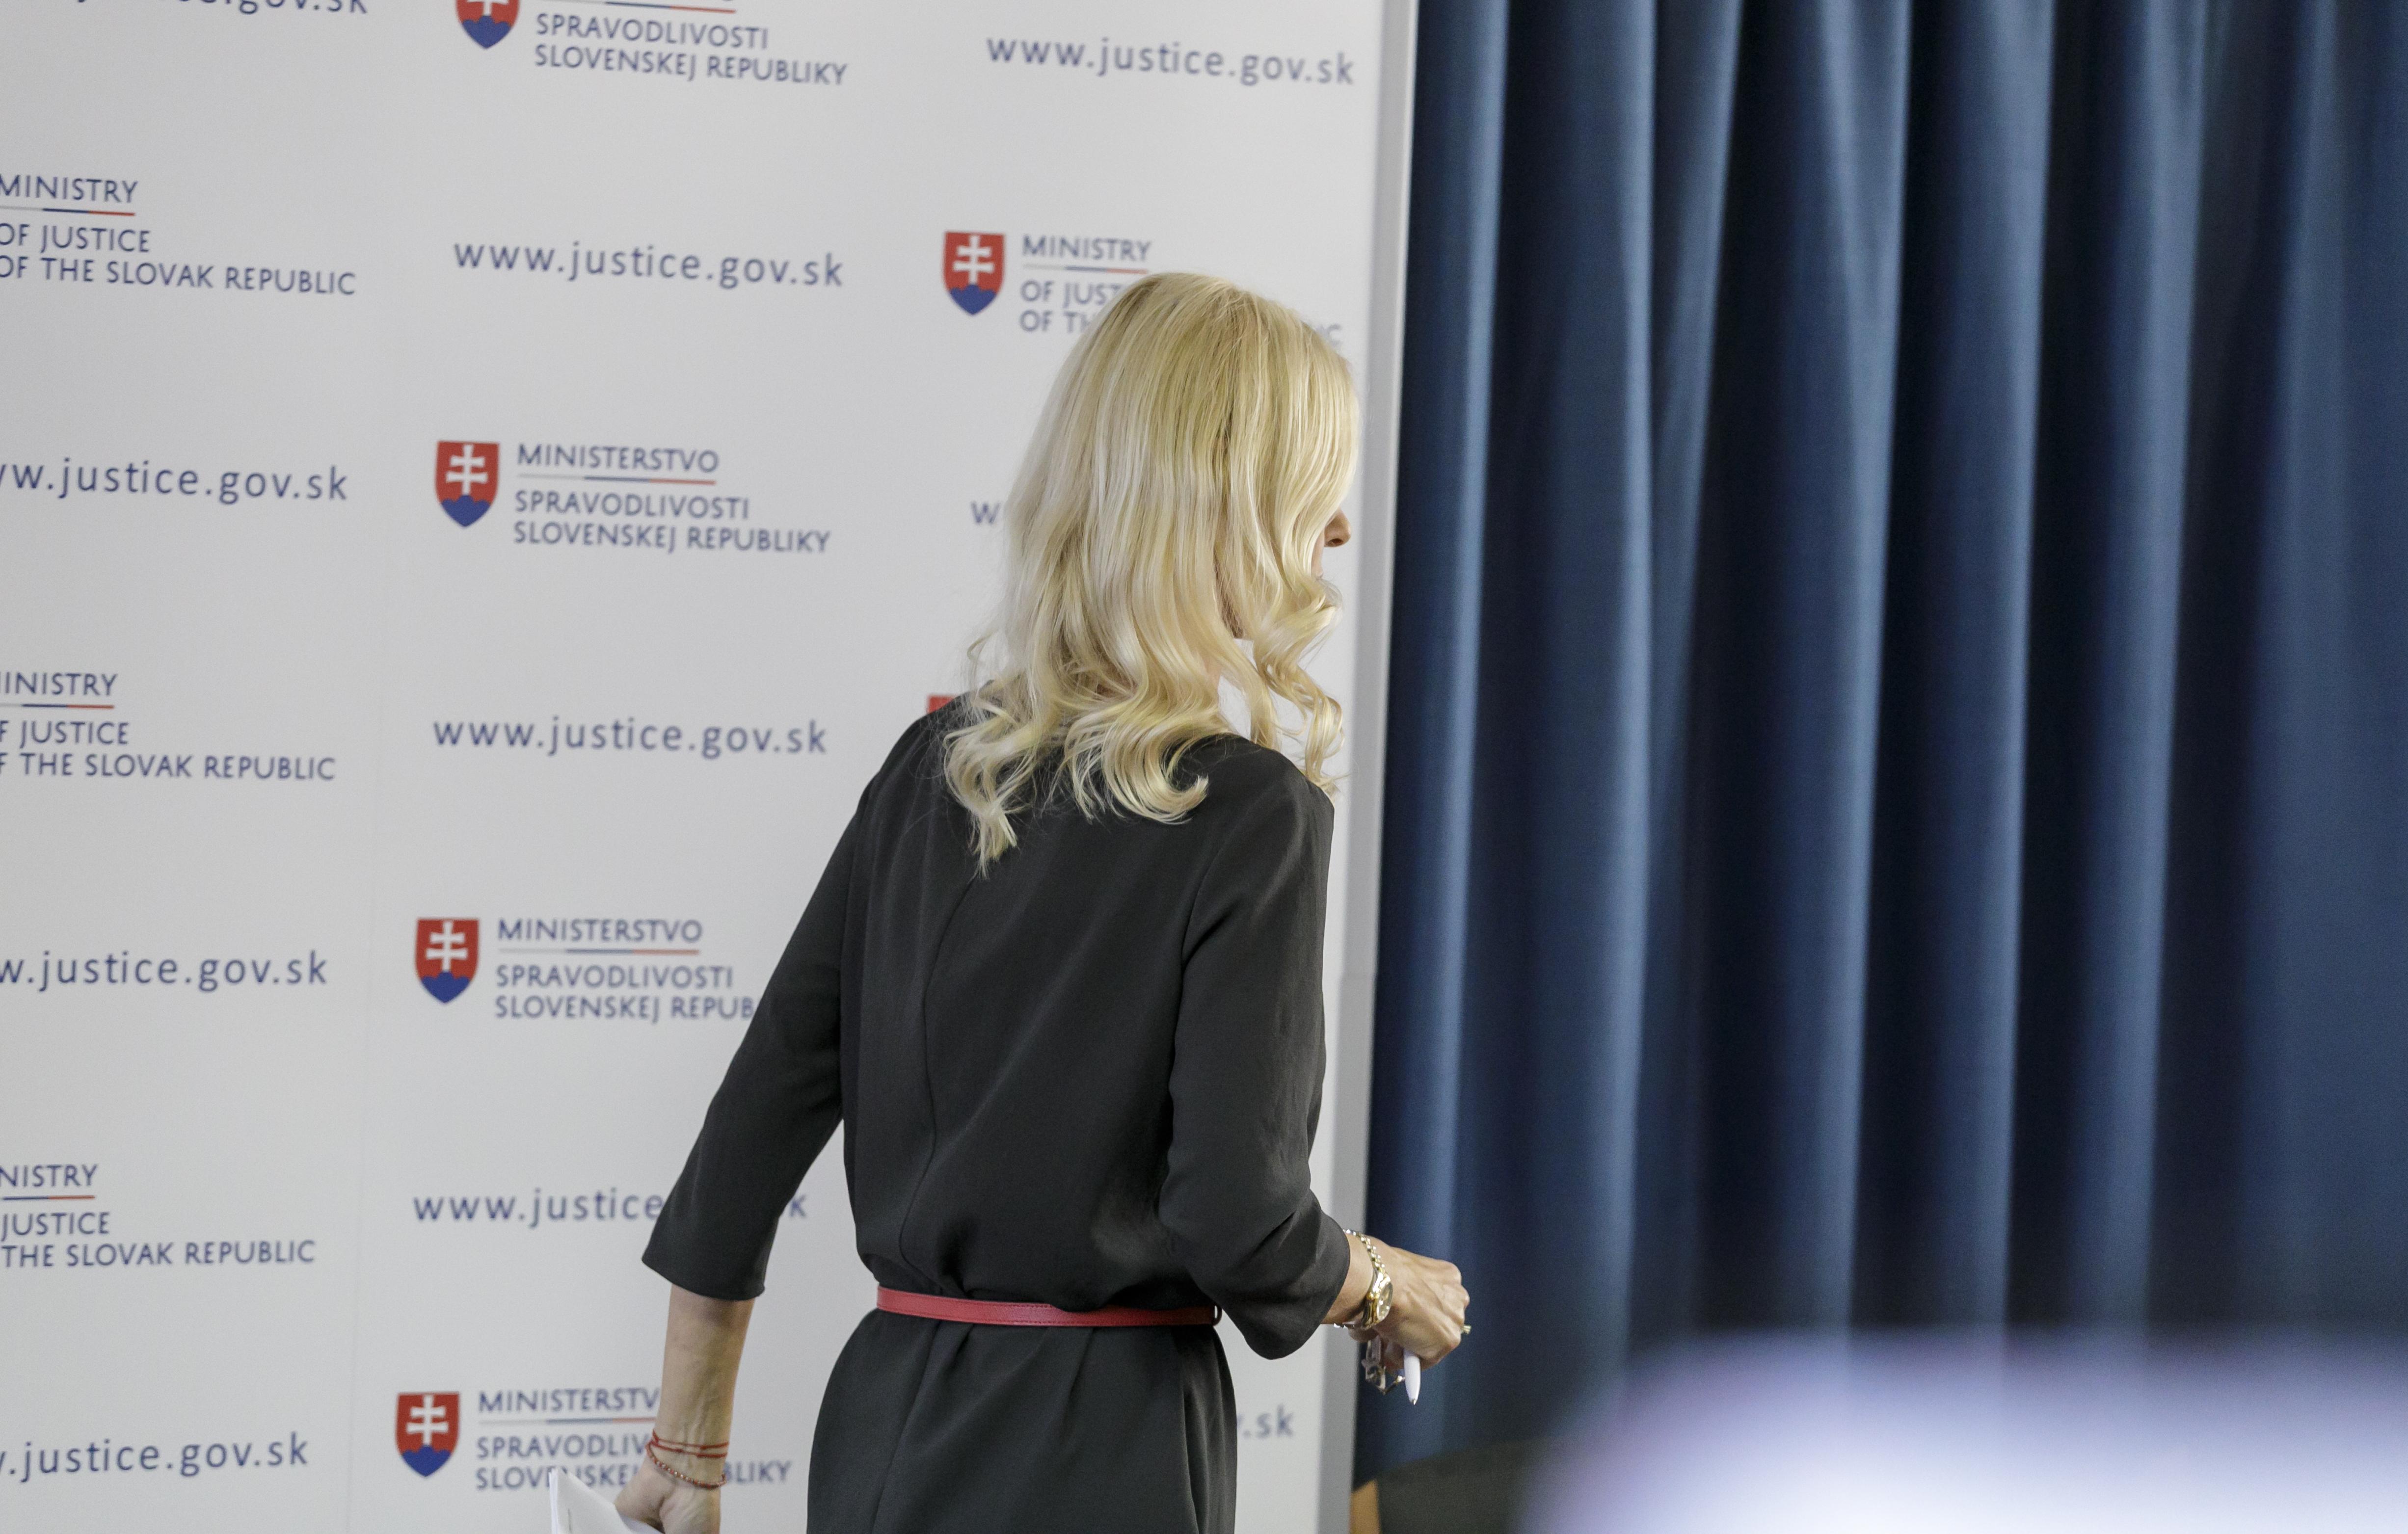 Monika Jankovská po rezignácii na post štátnej tajomníčky. Foto - TASR